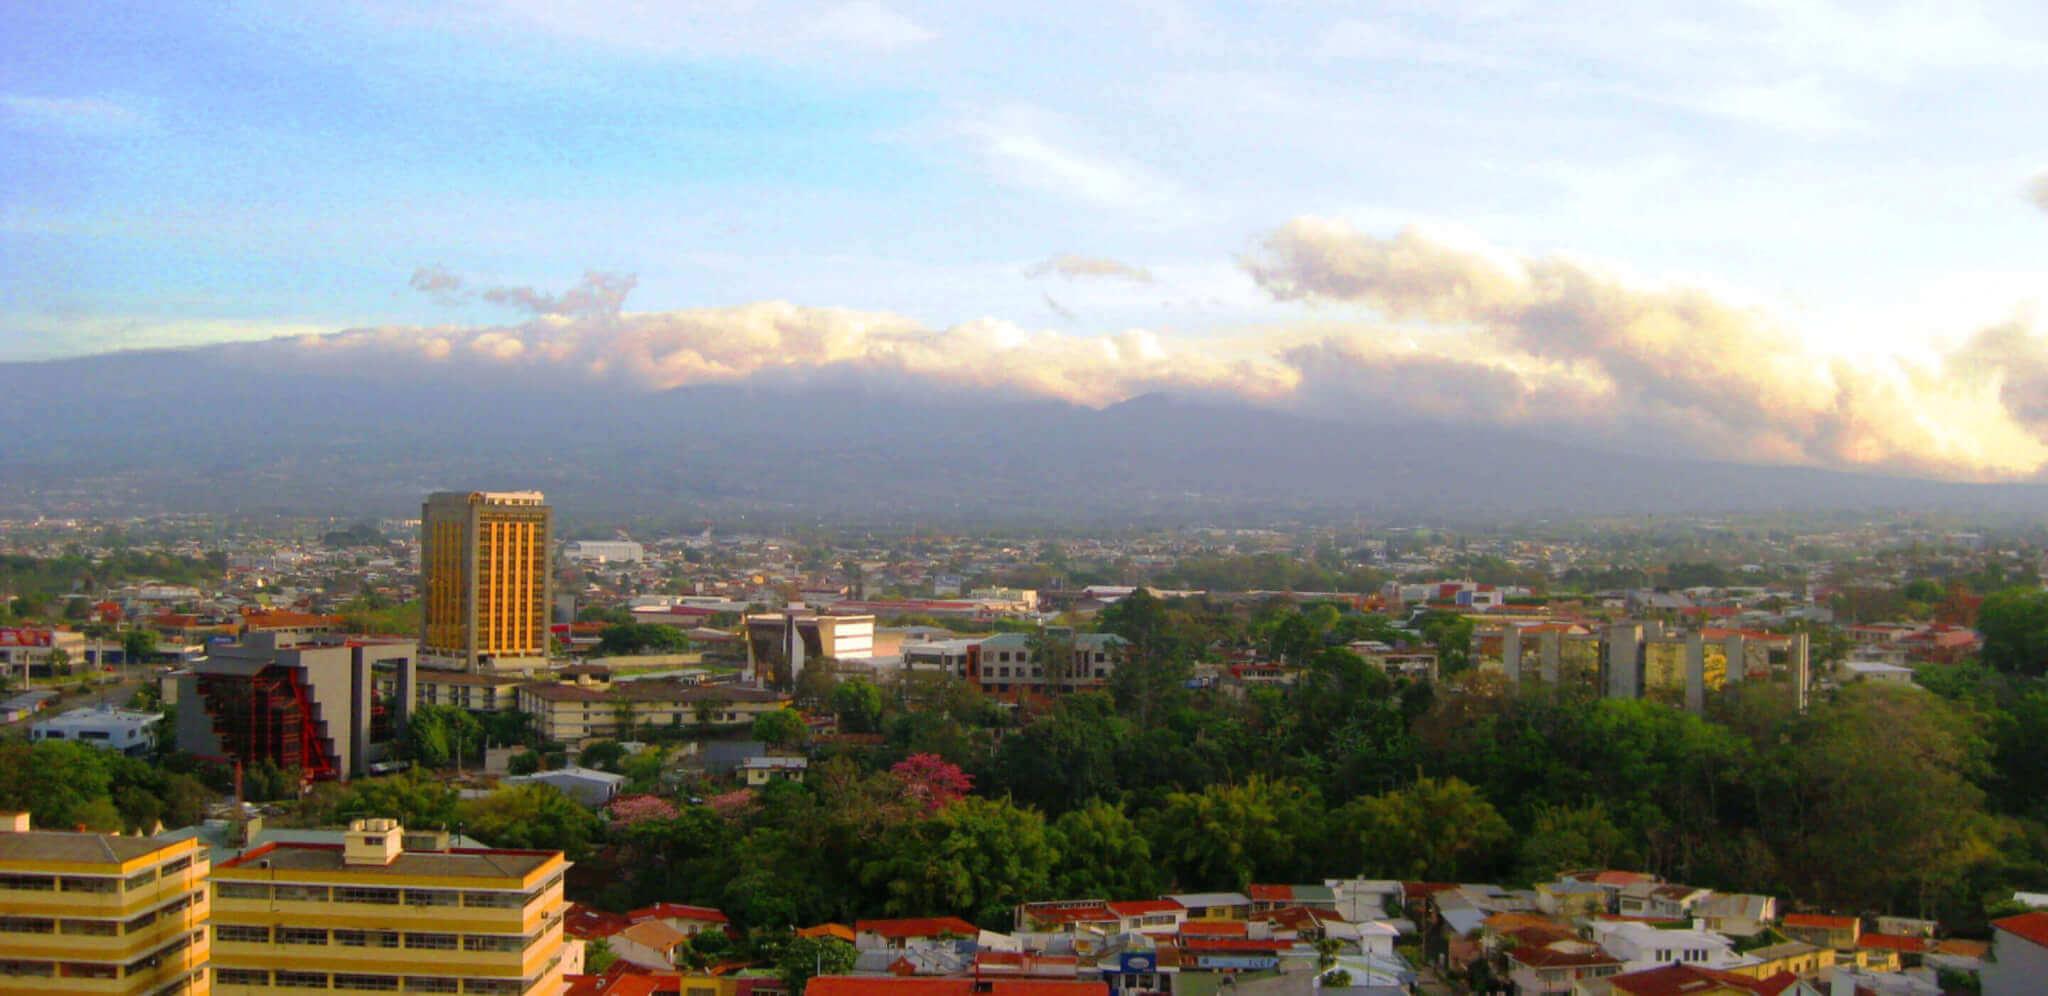 Recomendaciones de nuestros abogados – Formación / Incorporación de compañías en Costa Rica